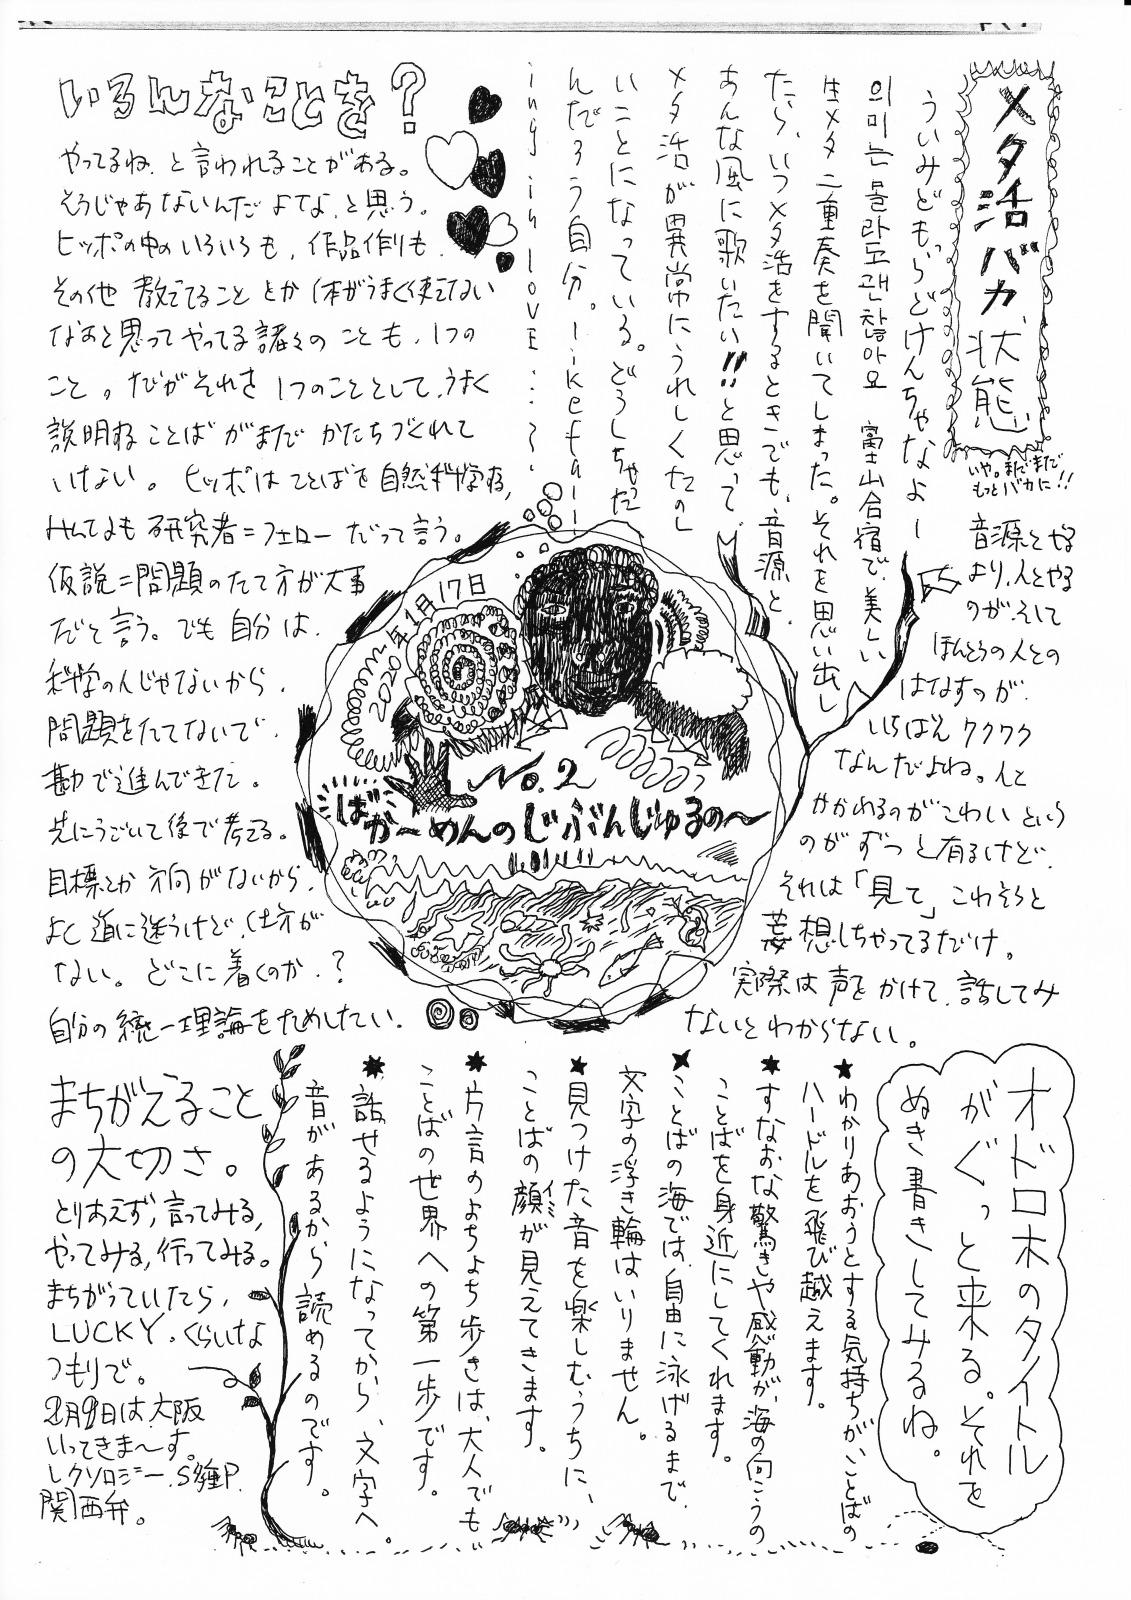 http://yoyamazaki.jp/blog/blog/%E3%81%B0%E3%81%8B%E3%83%BC%E3%82%81%E3%82%93%E3%81%98%E3%82%85%E3%82%8B%E3%81%AE2.jpg